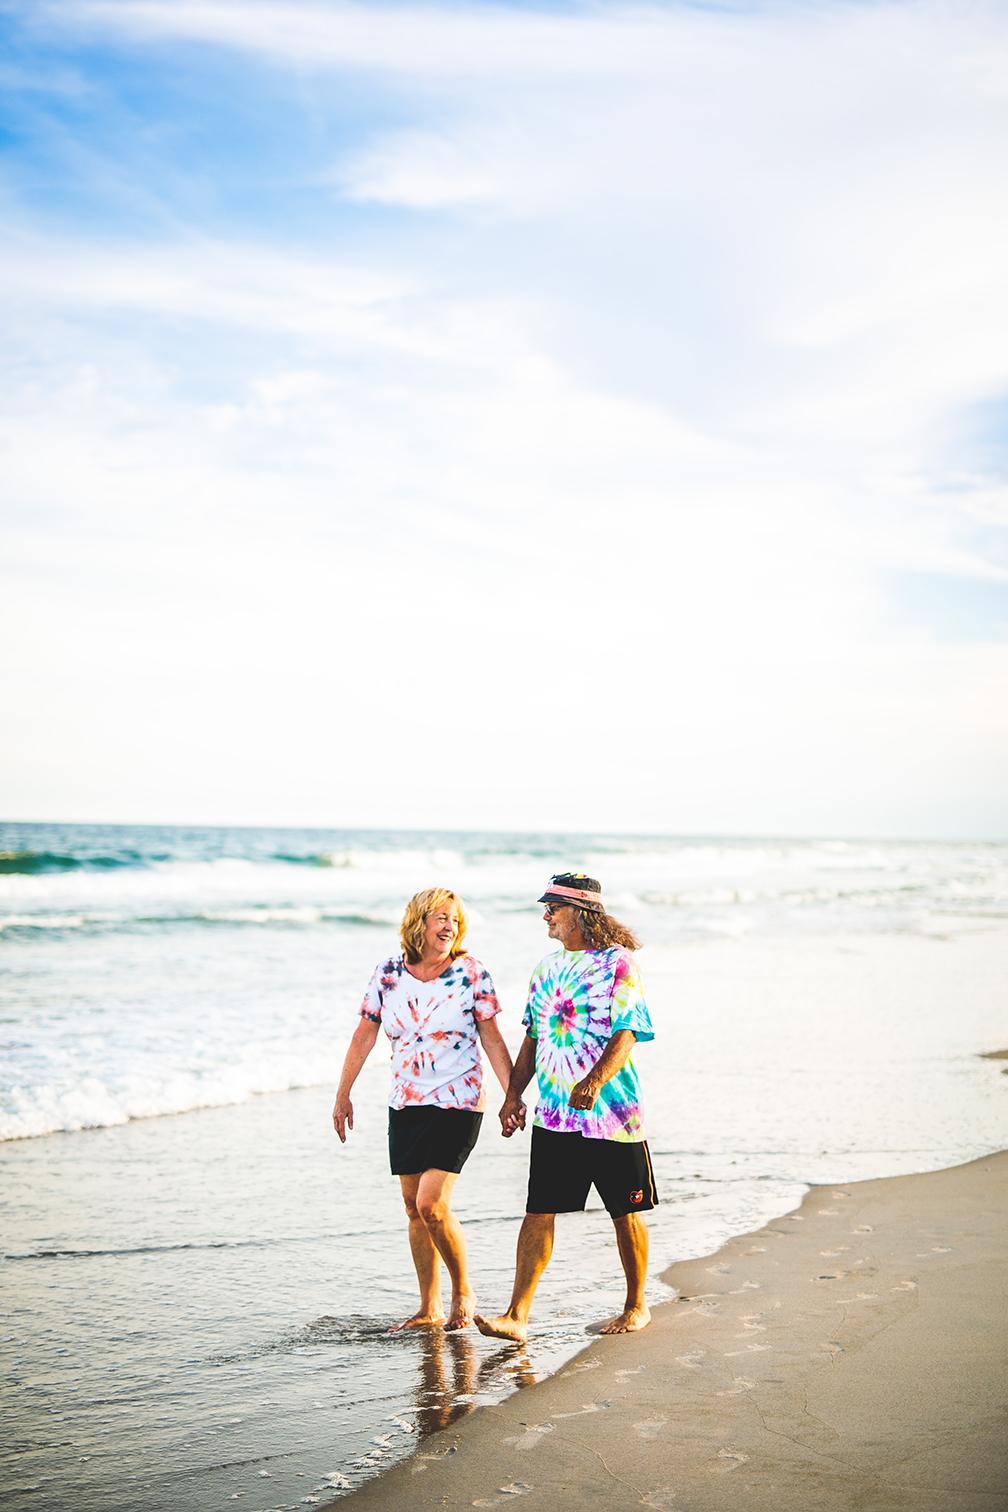 Cute+couple+on+the+beach.jpg